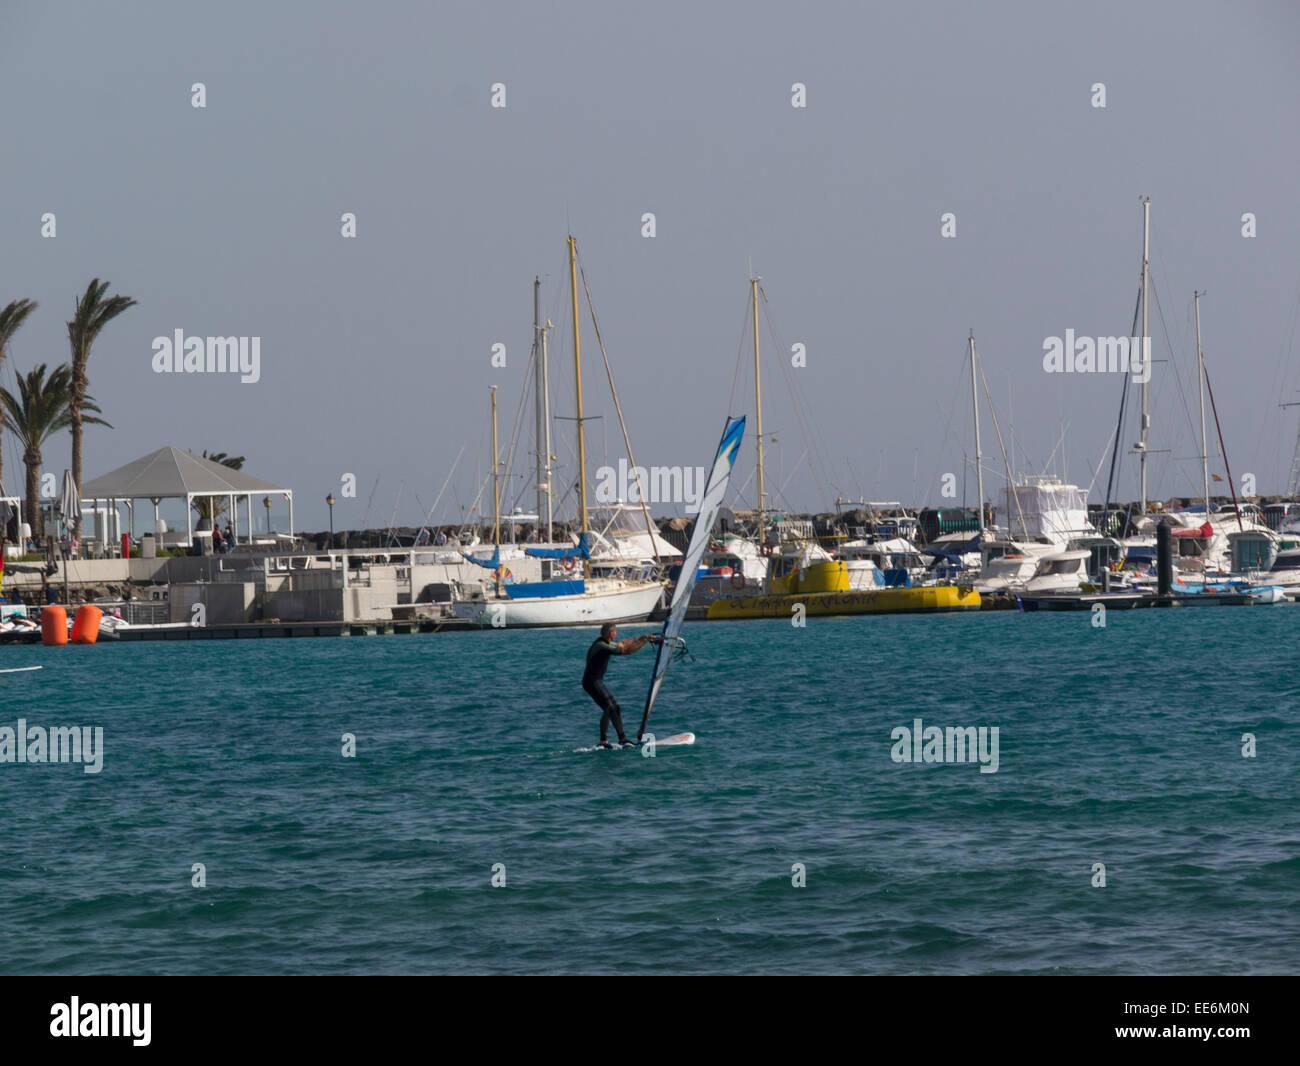 Hombre wind surf Caleta de Fuste Fuerteventura Islas Canarias Imagen De Stock